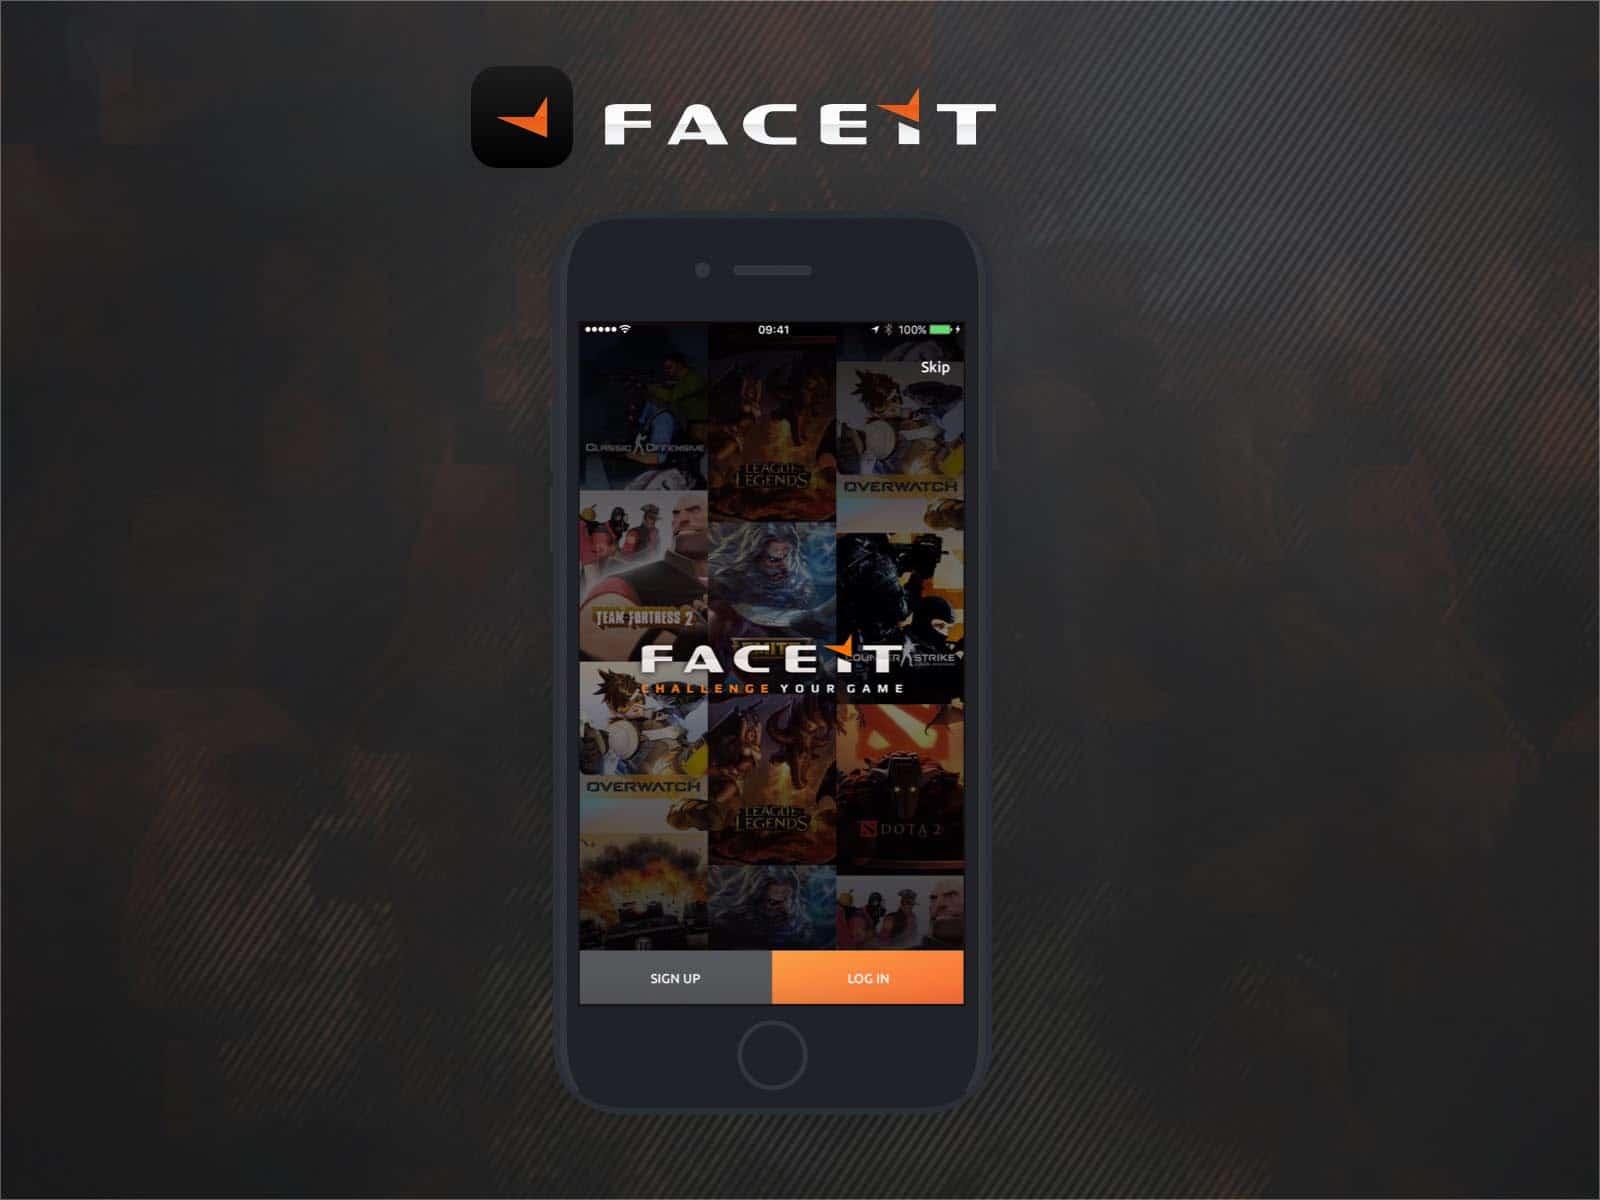 faceit app ux design intro screen